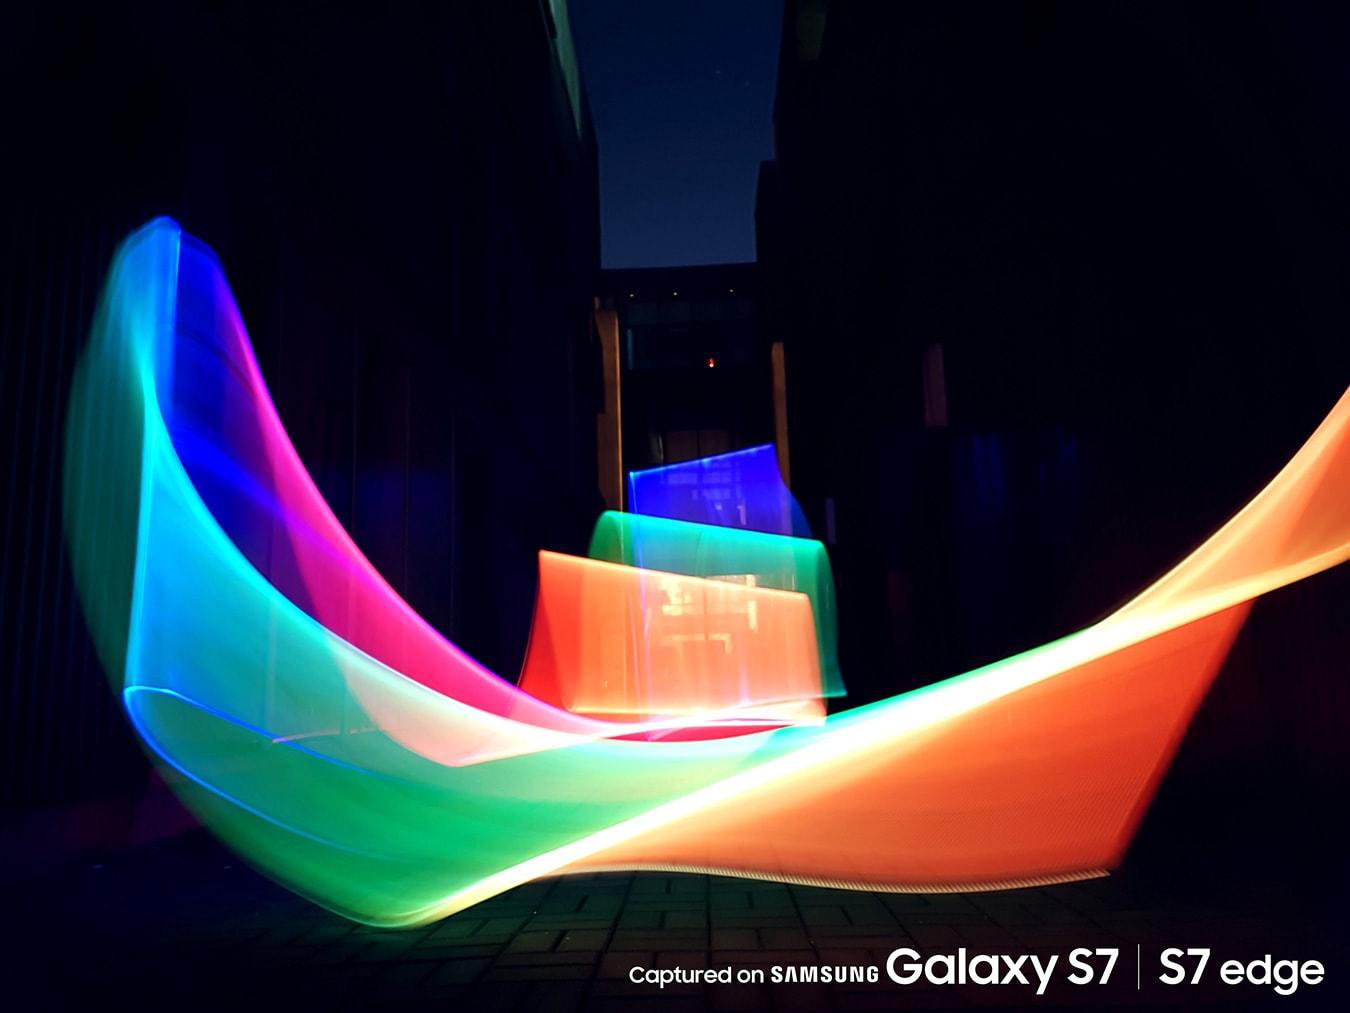 galaxy s7 fotograflari 7